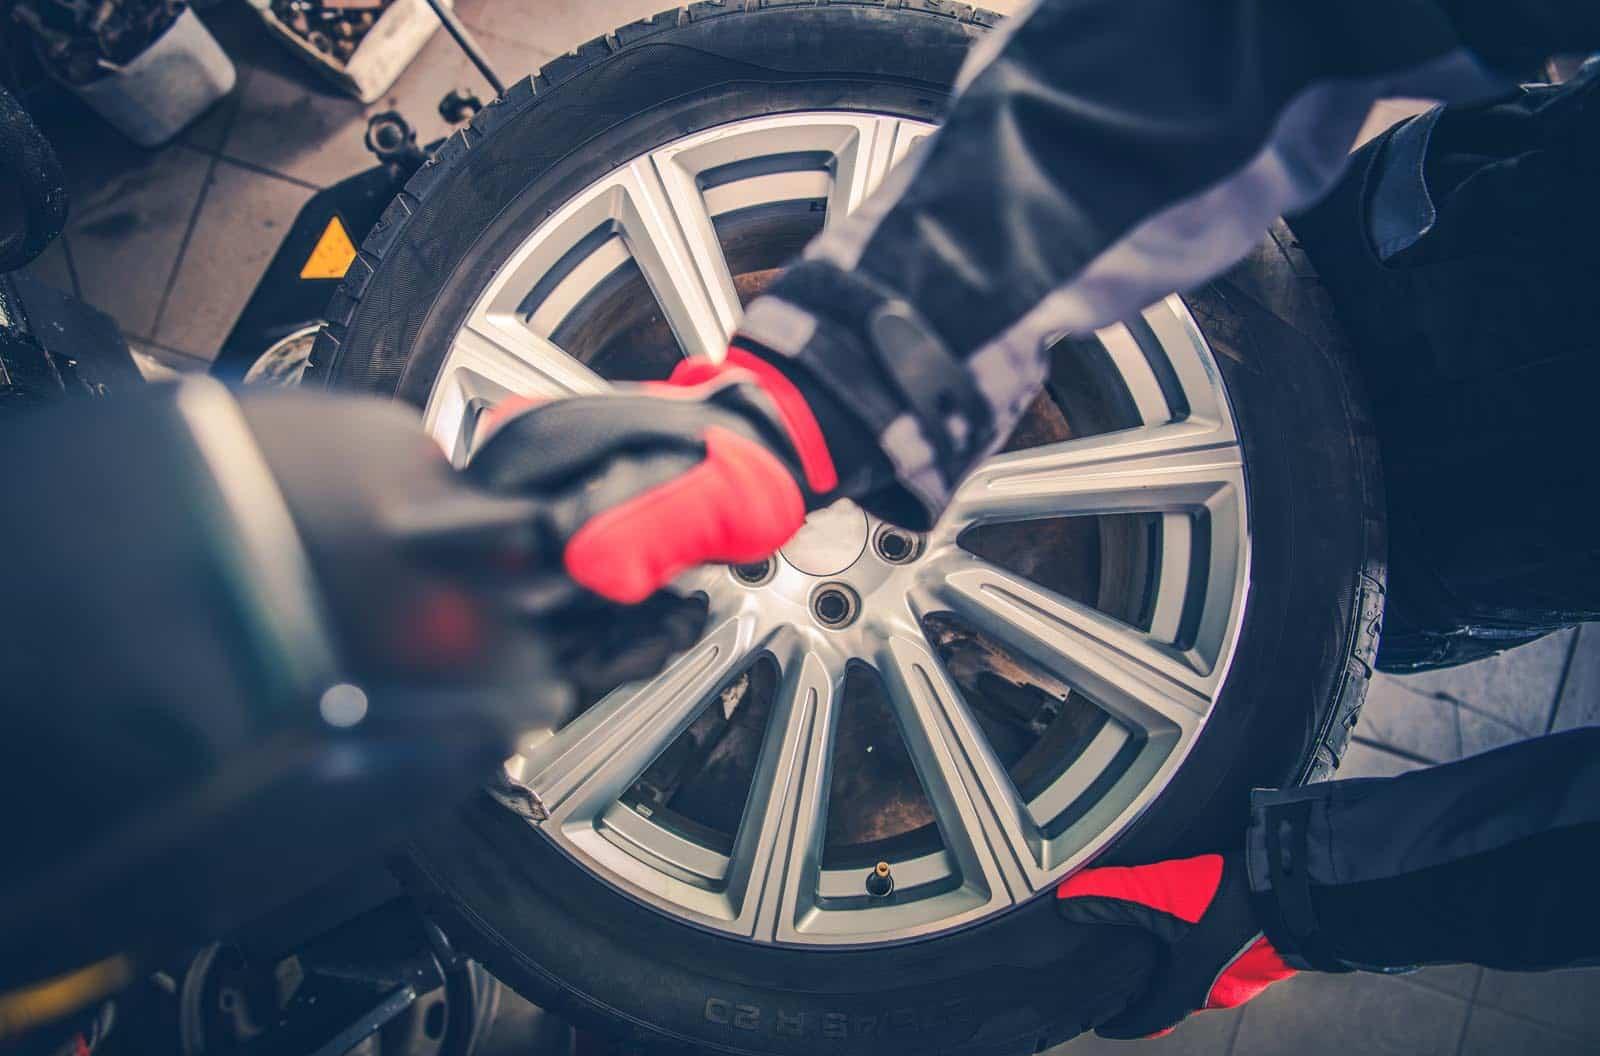 Autó Pátkai- futómű, fékjavítás, lengéscsillapító, zöldkártya, műszaki vizsga, klímaszerviz, olajszerviz, alufelni javítás